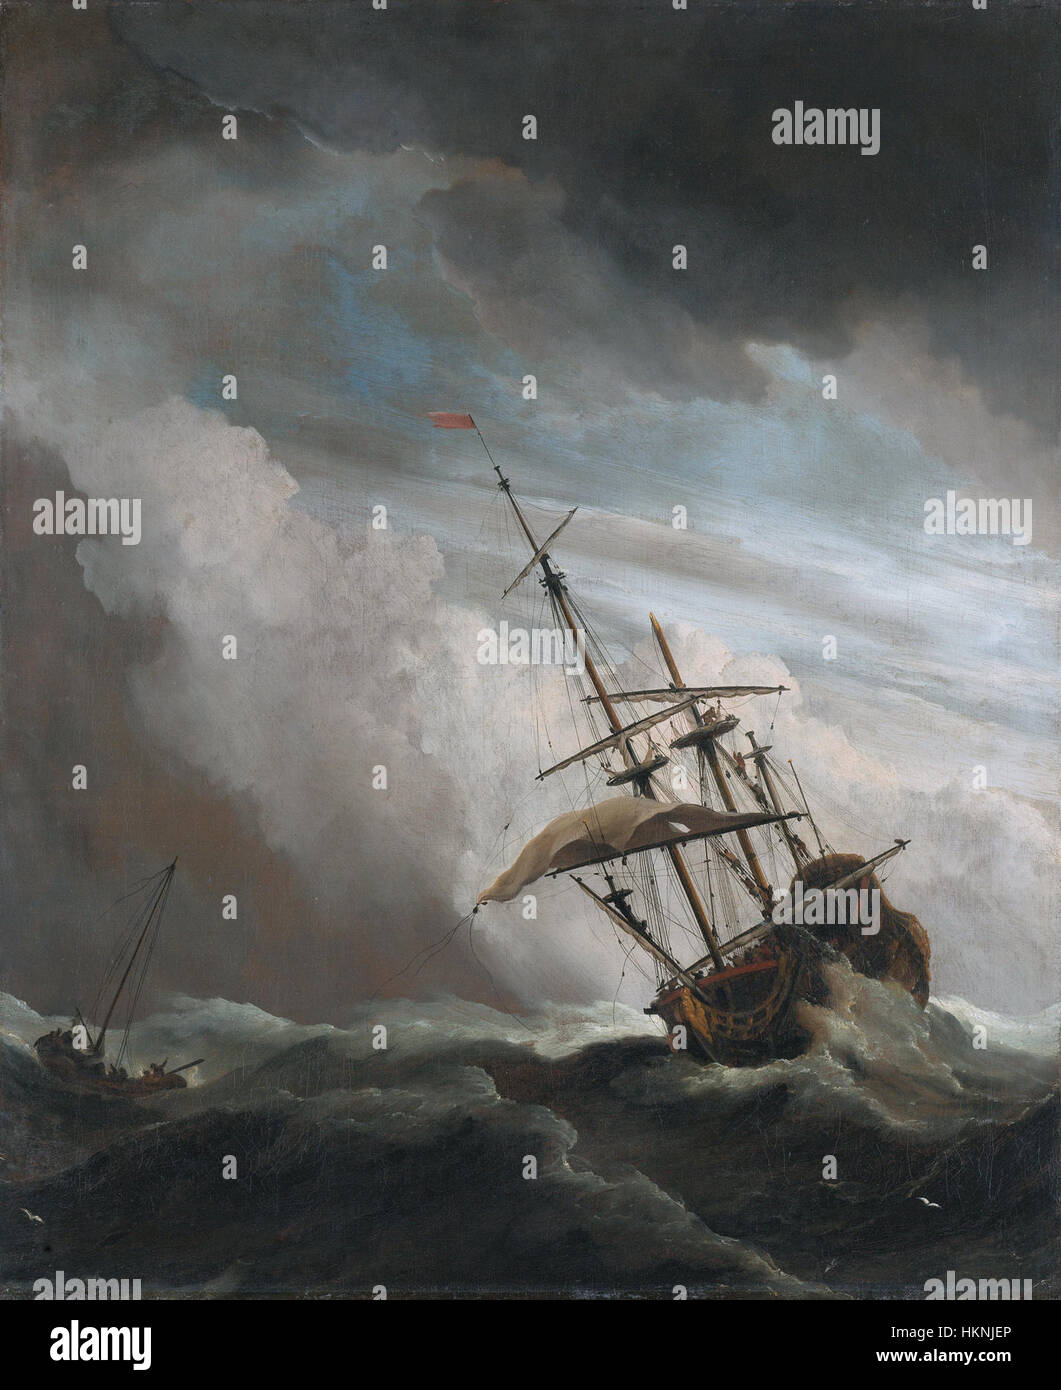 De Windstoot - A ship in need in a raging storm (Willem van de Velde II, 1707) Stock Photo